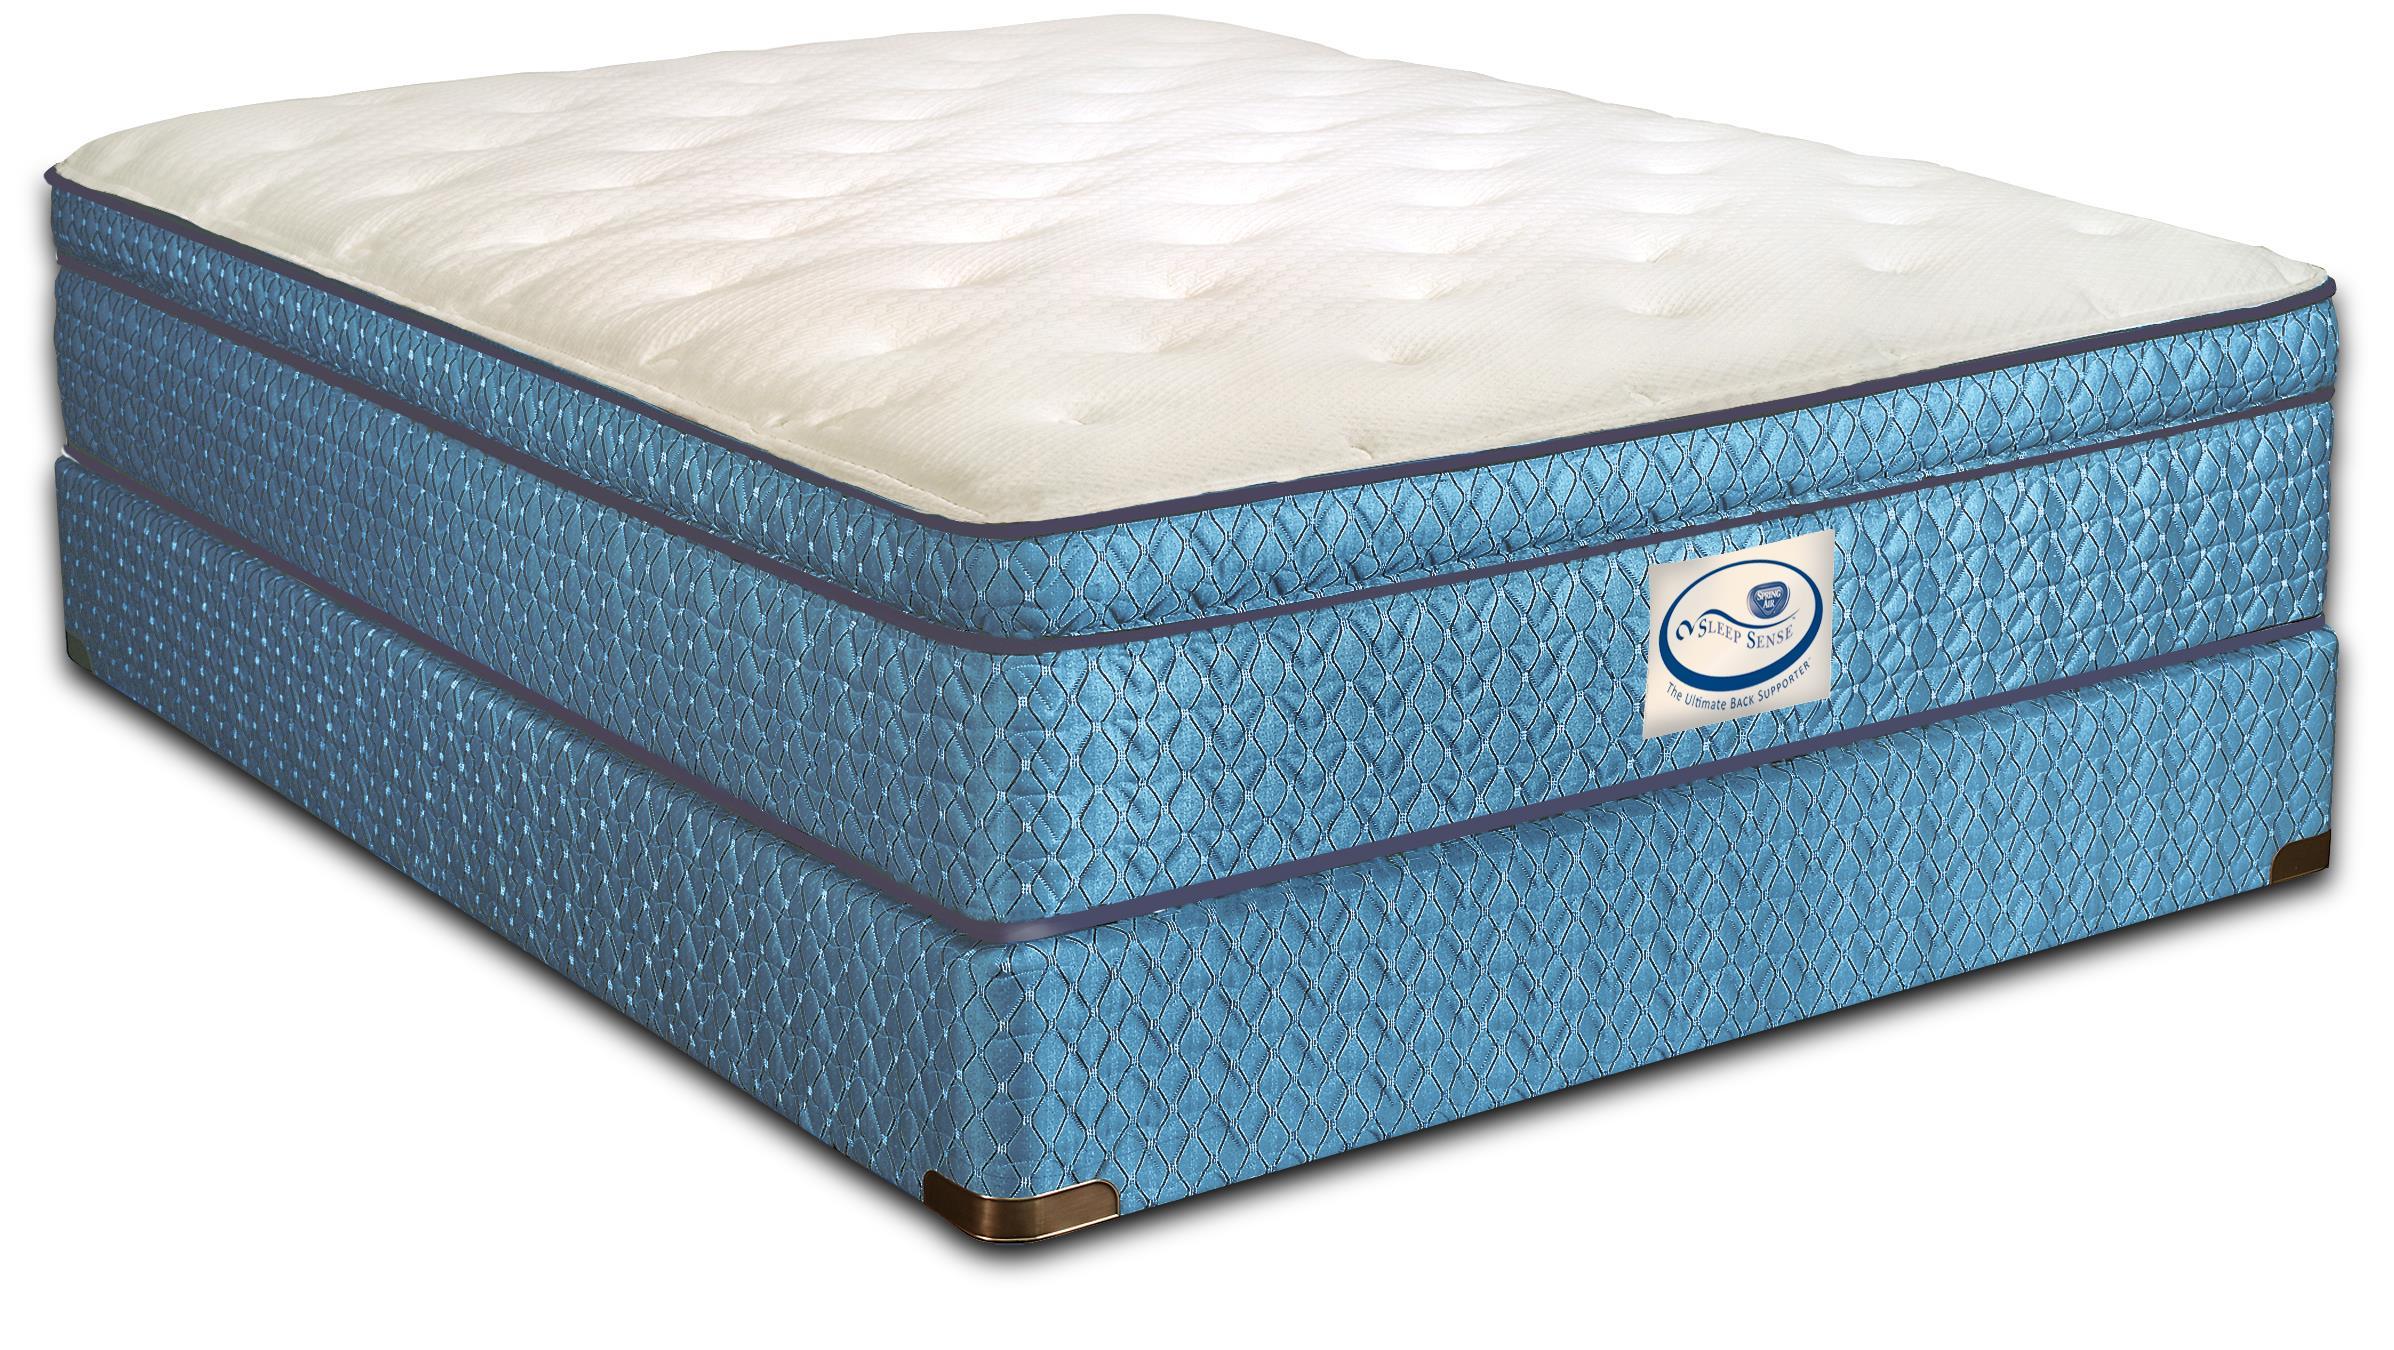 Sleep Sense Full Pillow Top Mattress by Spring Air at Mueller Furniture